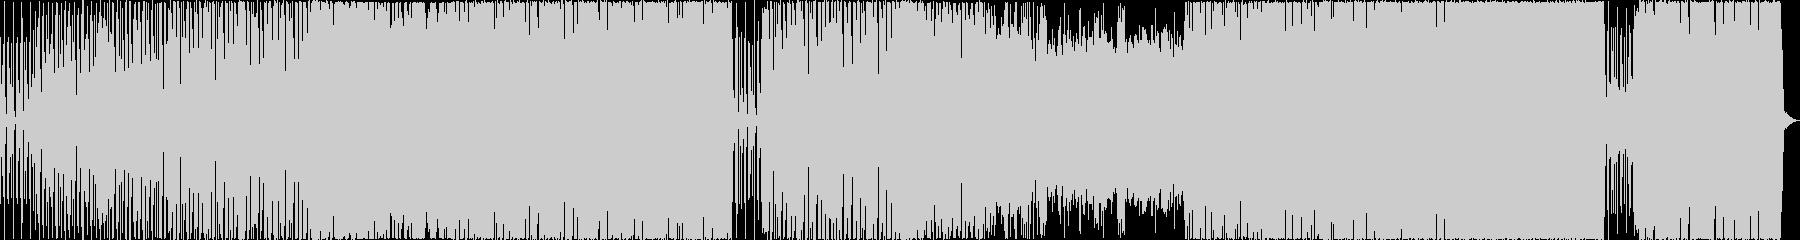 ロックエレクトロニック サスペンス...の未再生の波形